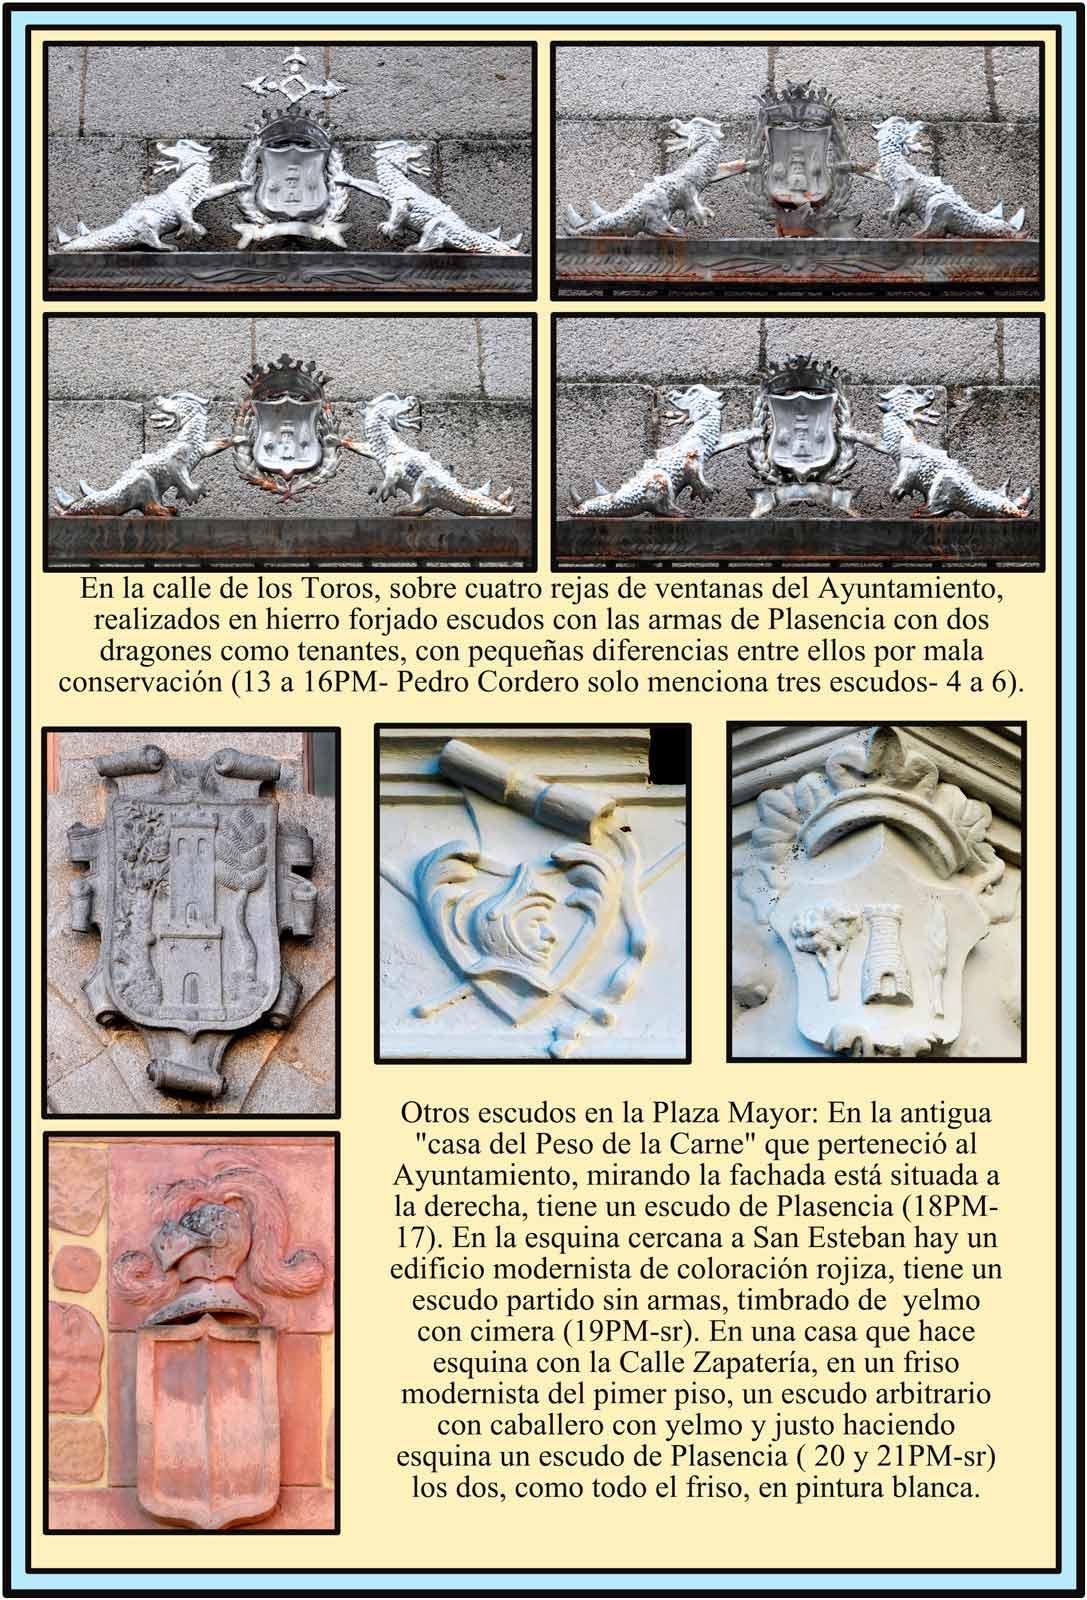 Escudos en las rejas del Ayuntamiento. Escudos en la Plaza Mayor